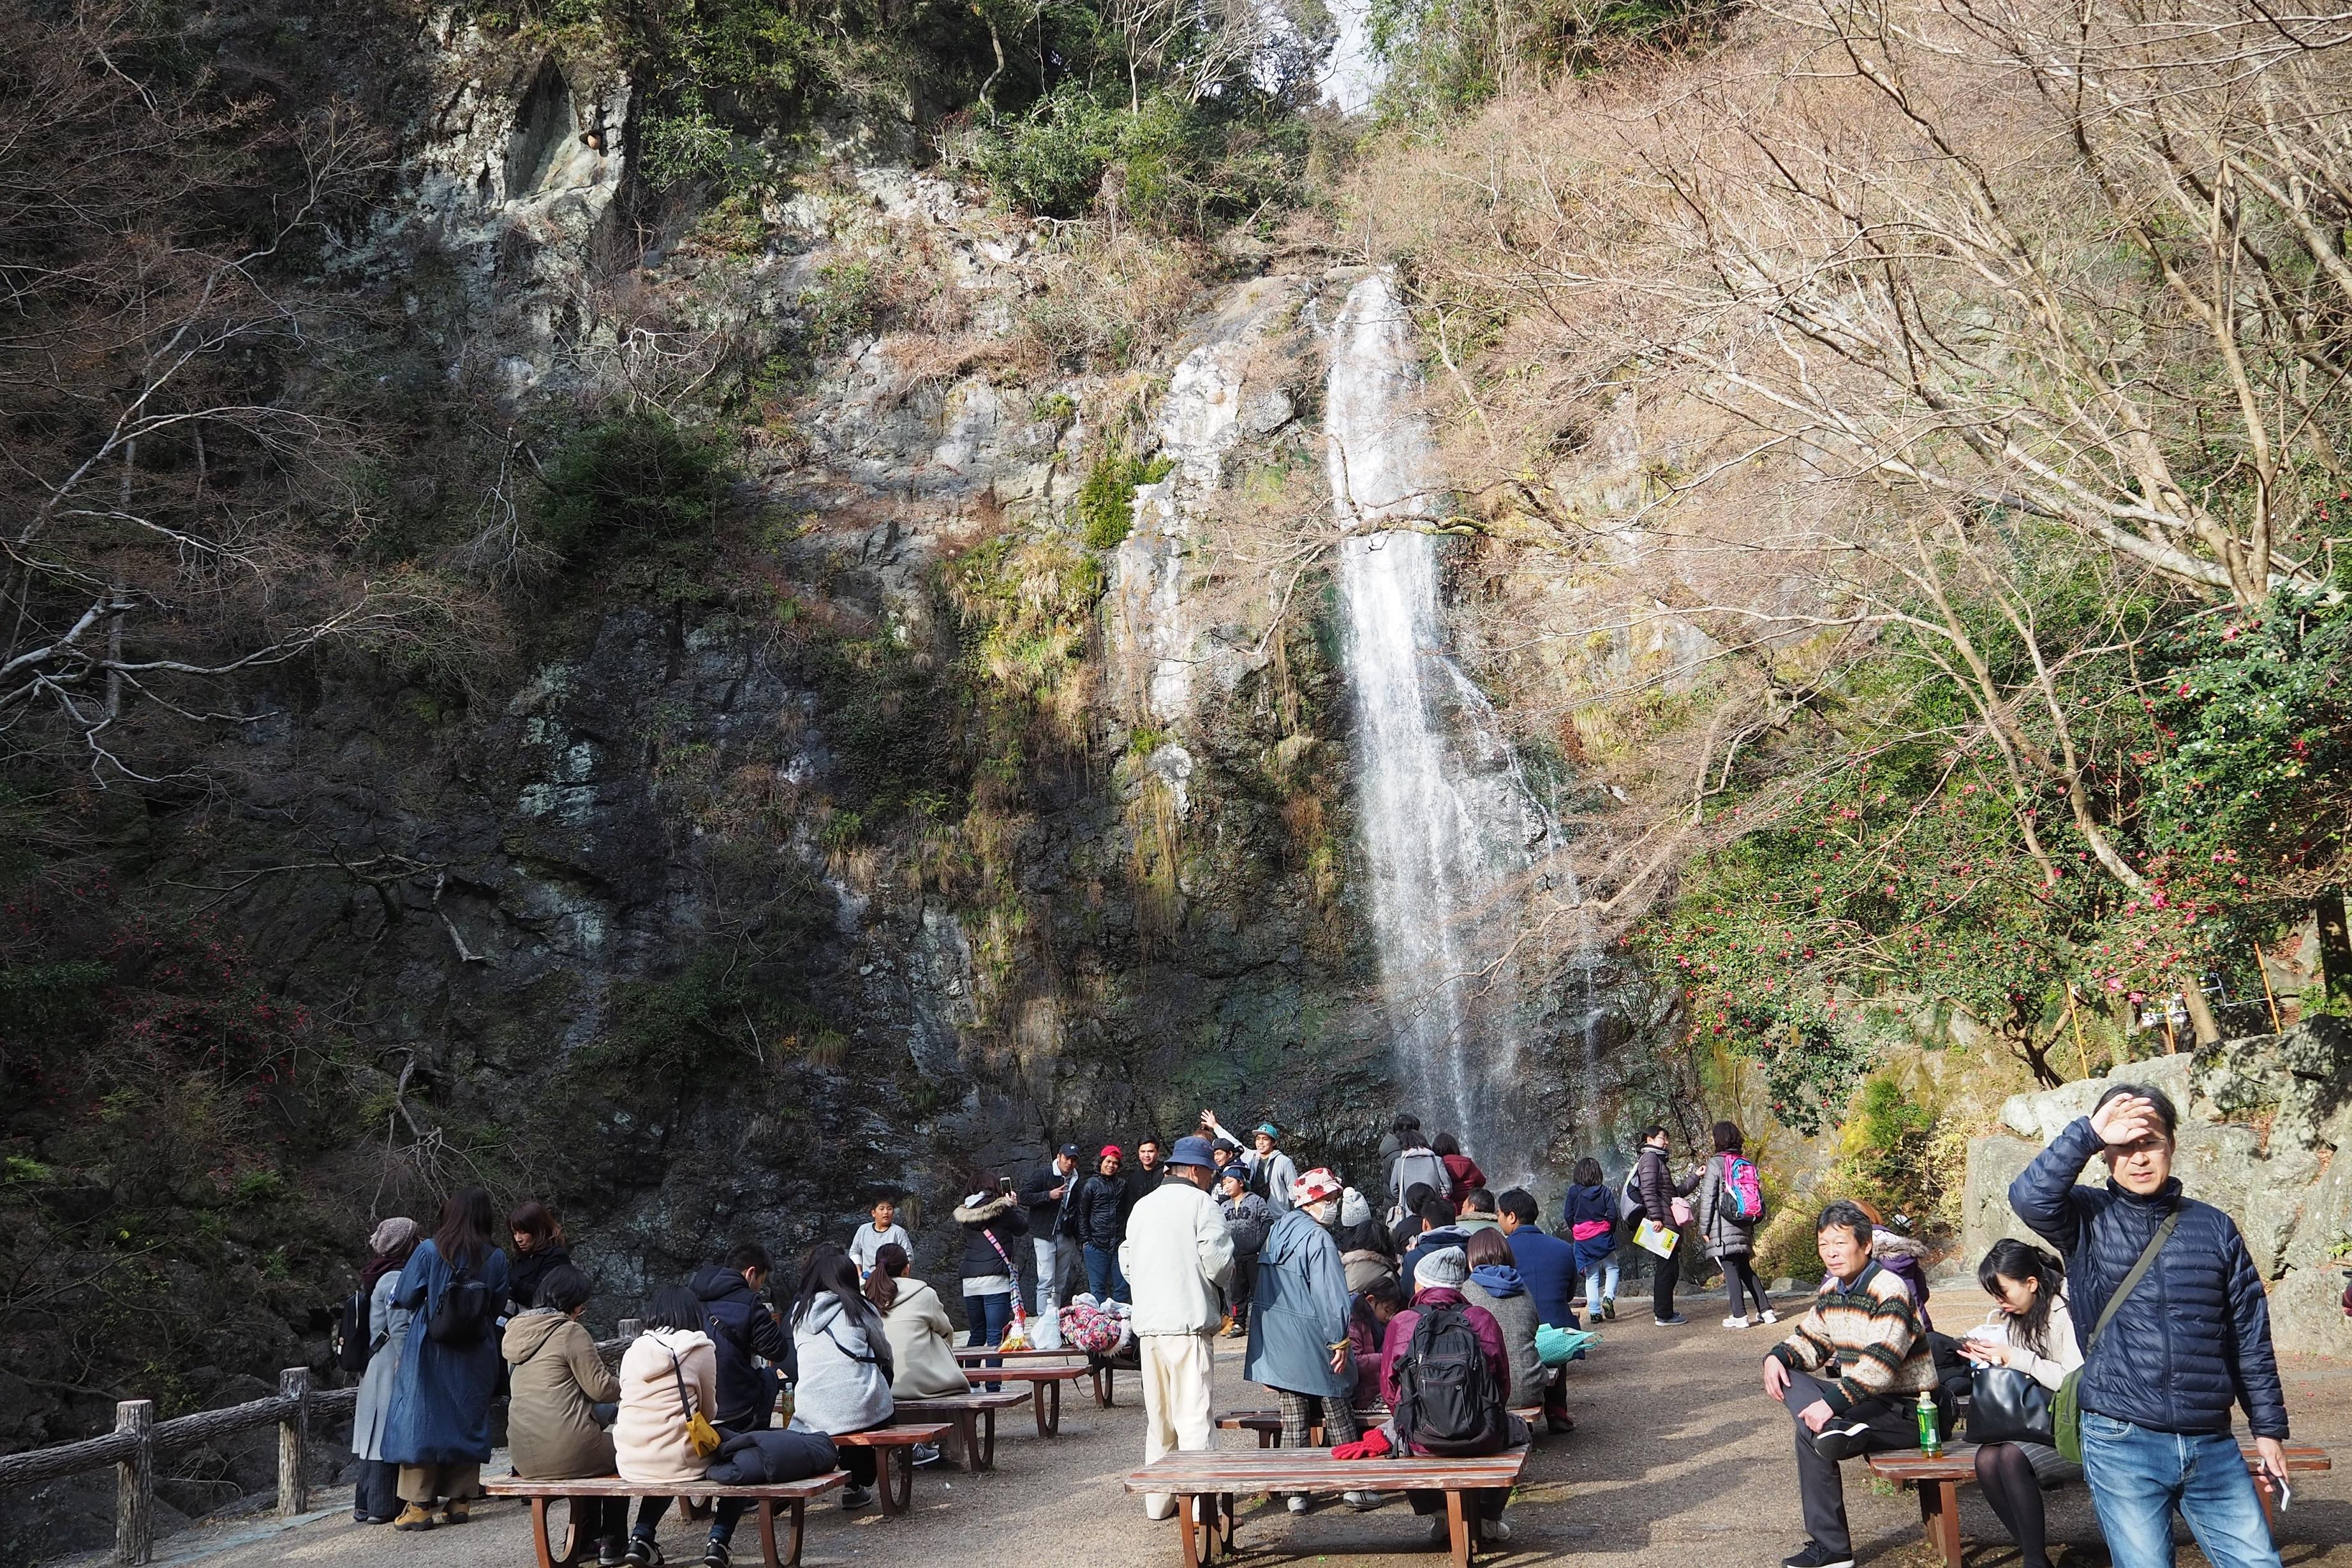 harleydavidson-motorcycle-touring-blog-minoh-waterfall-2.jpg